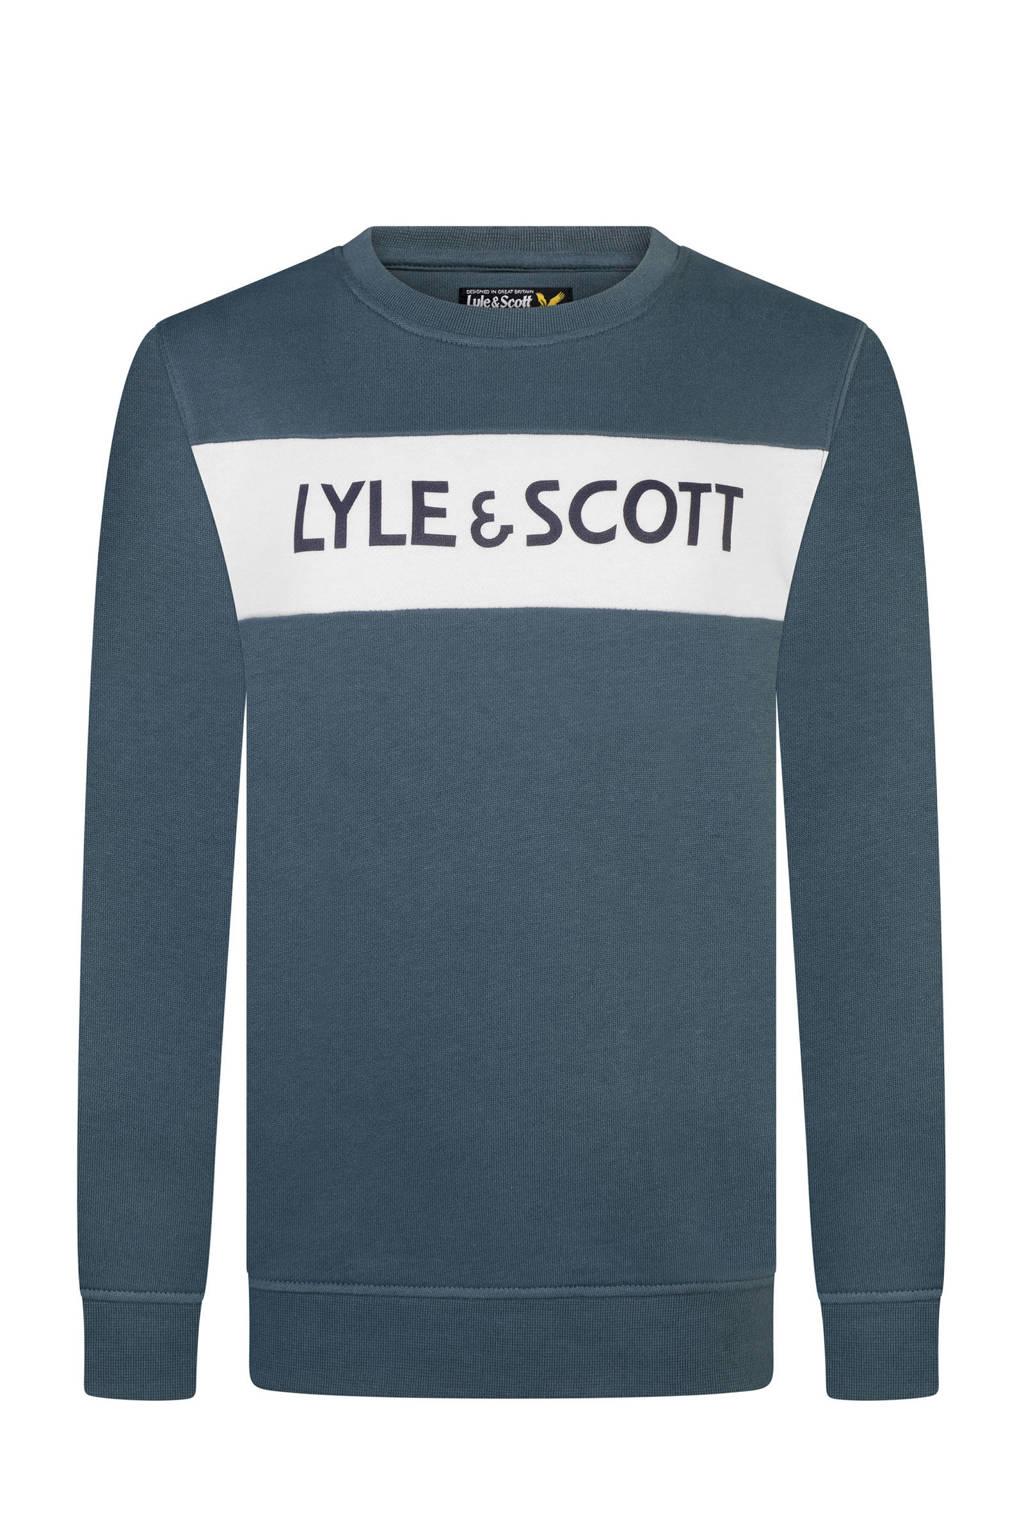 Lyle & Scott sweater donkerblauw, Donkerblauw